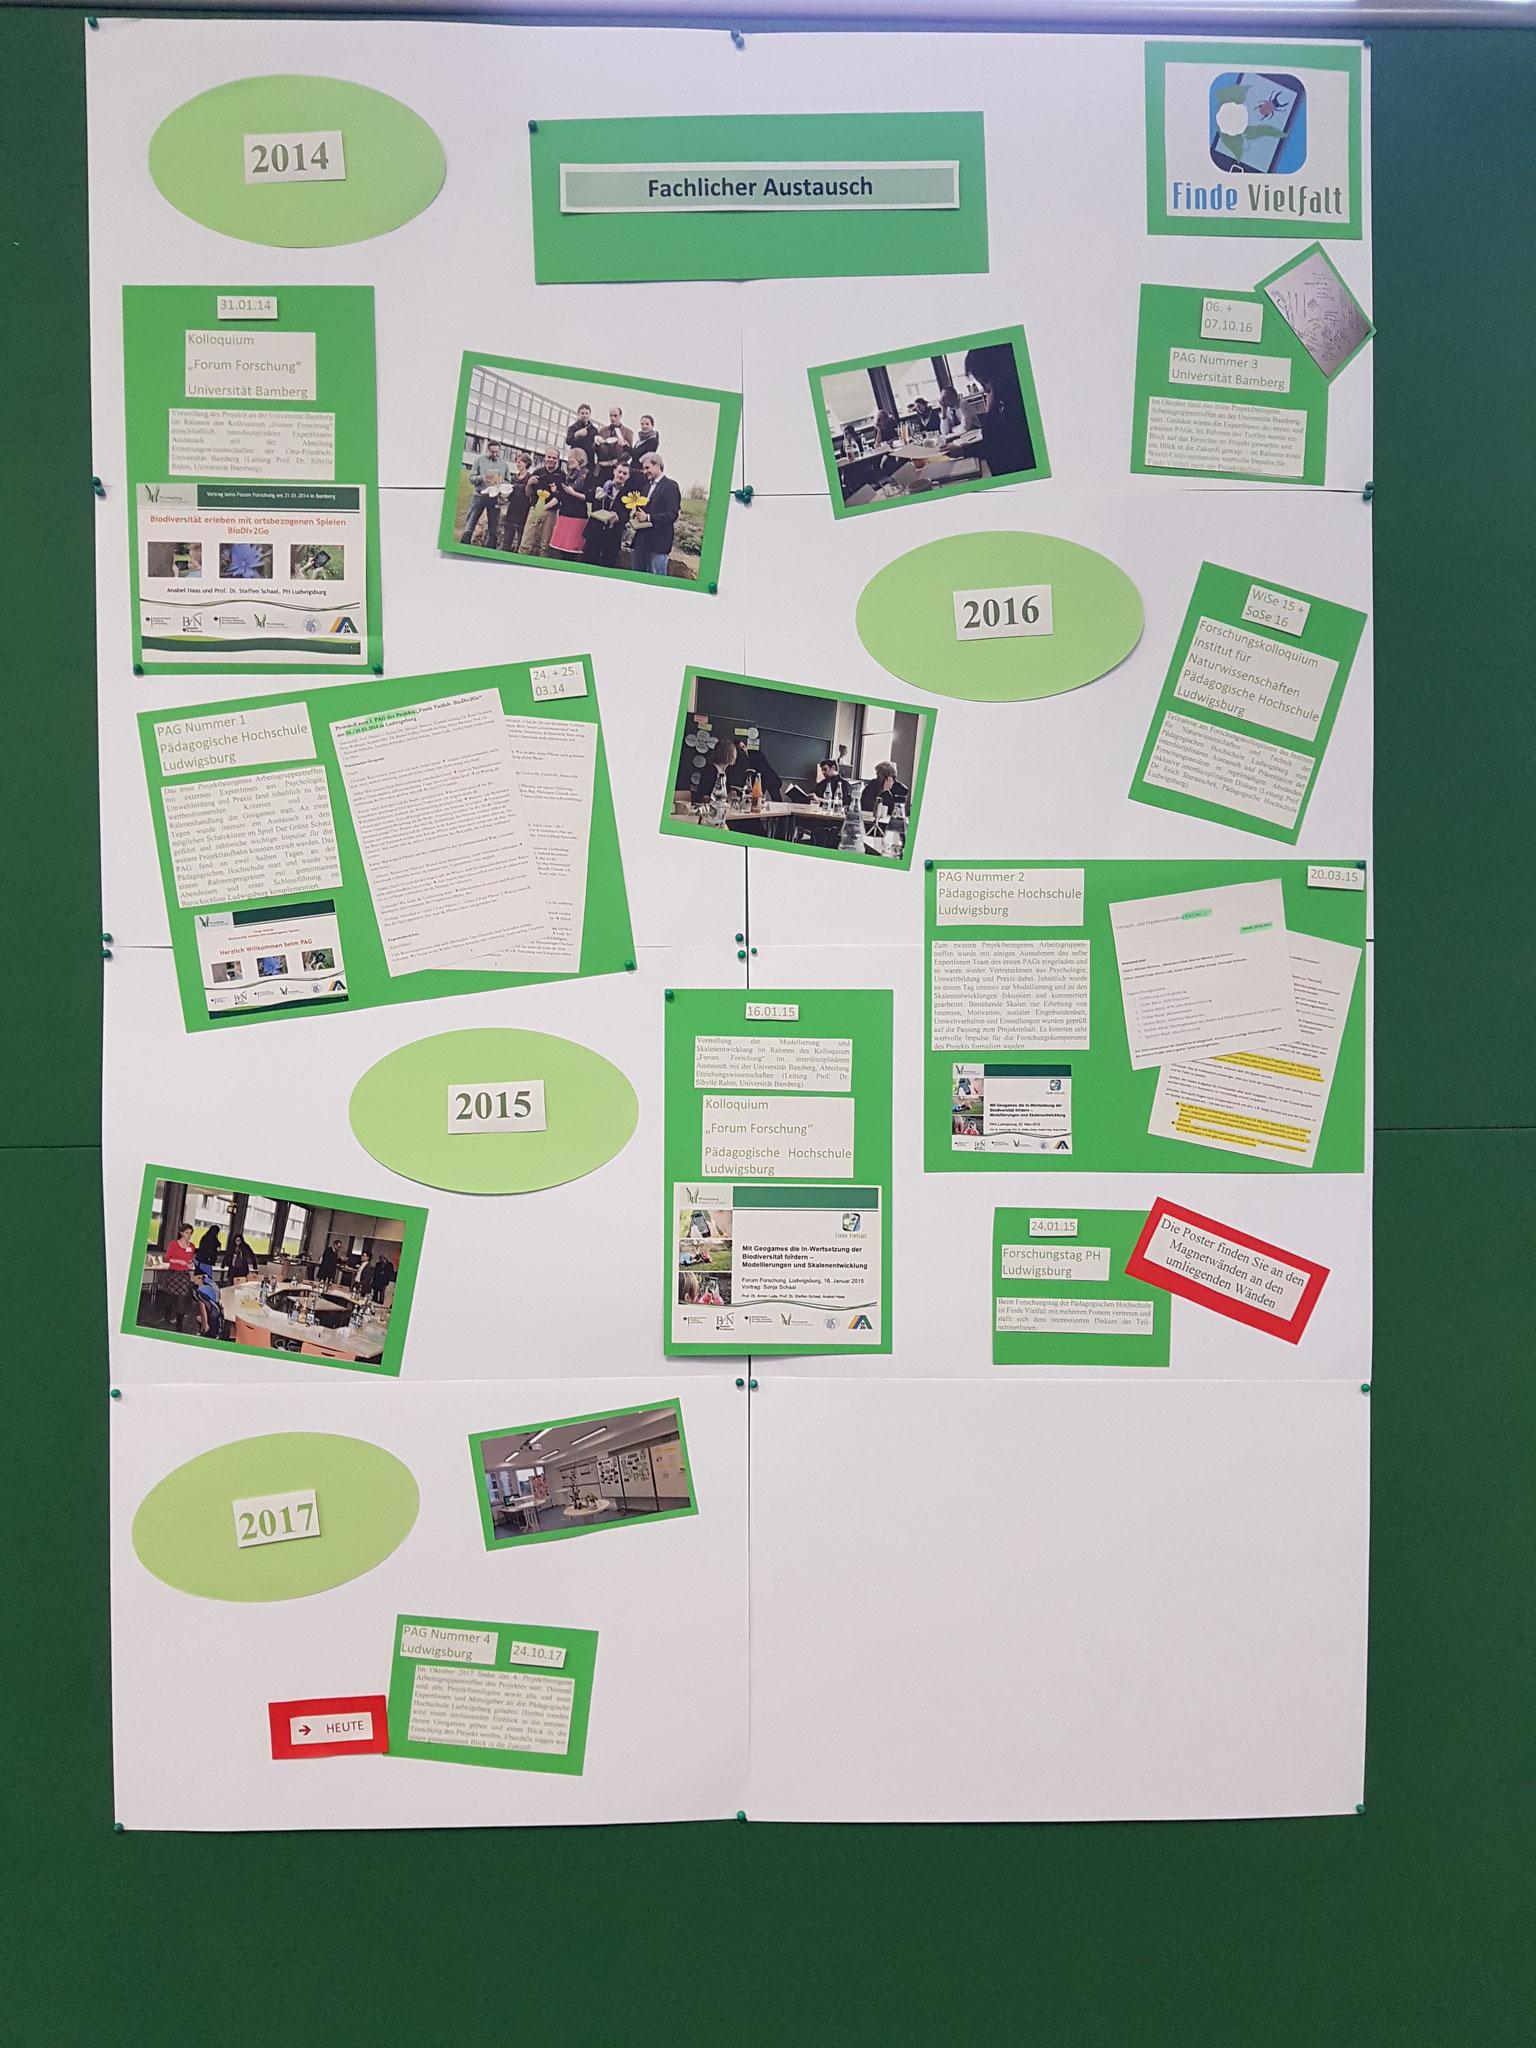 Posterrundgang durch das bisherige Projekt - Bereich fachlicher Austausch